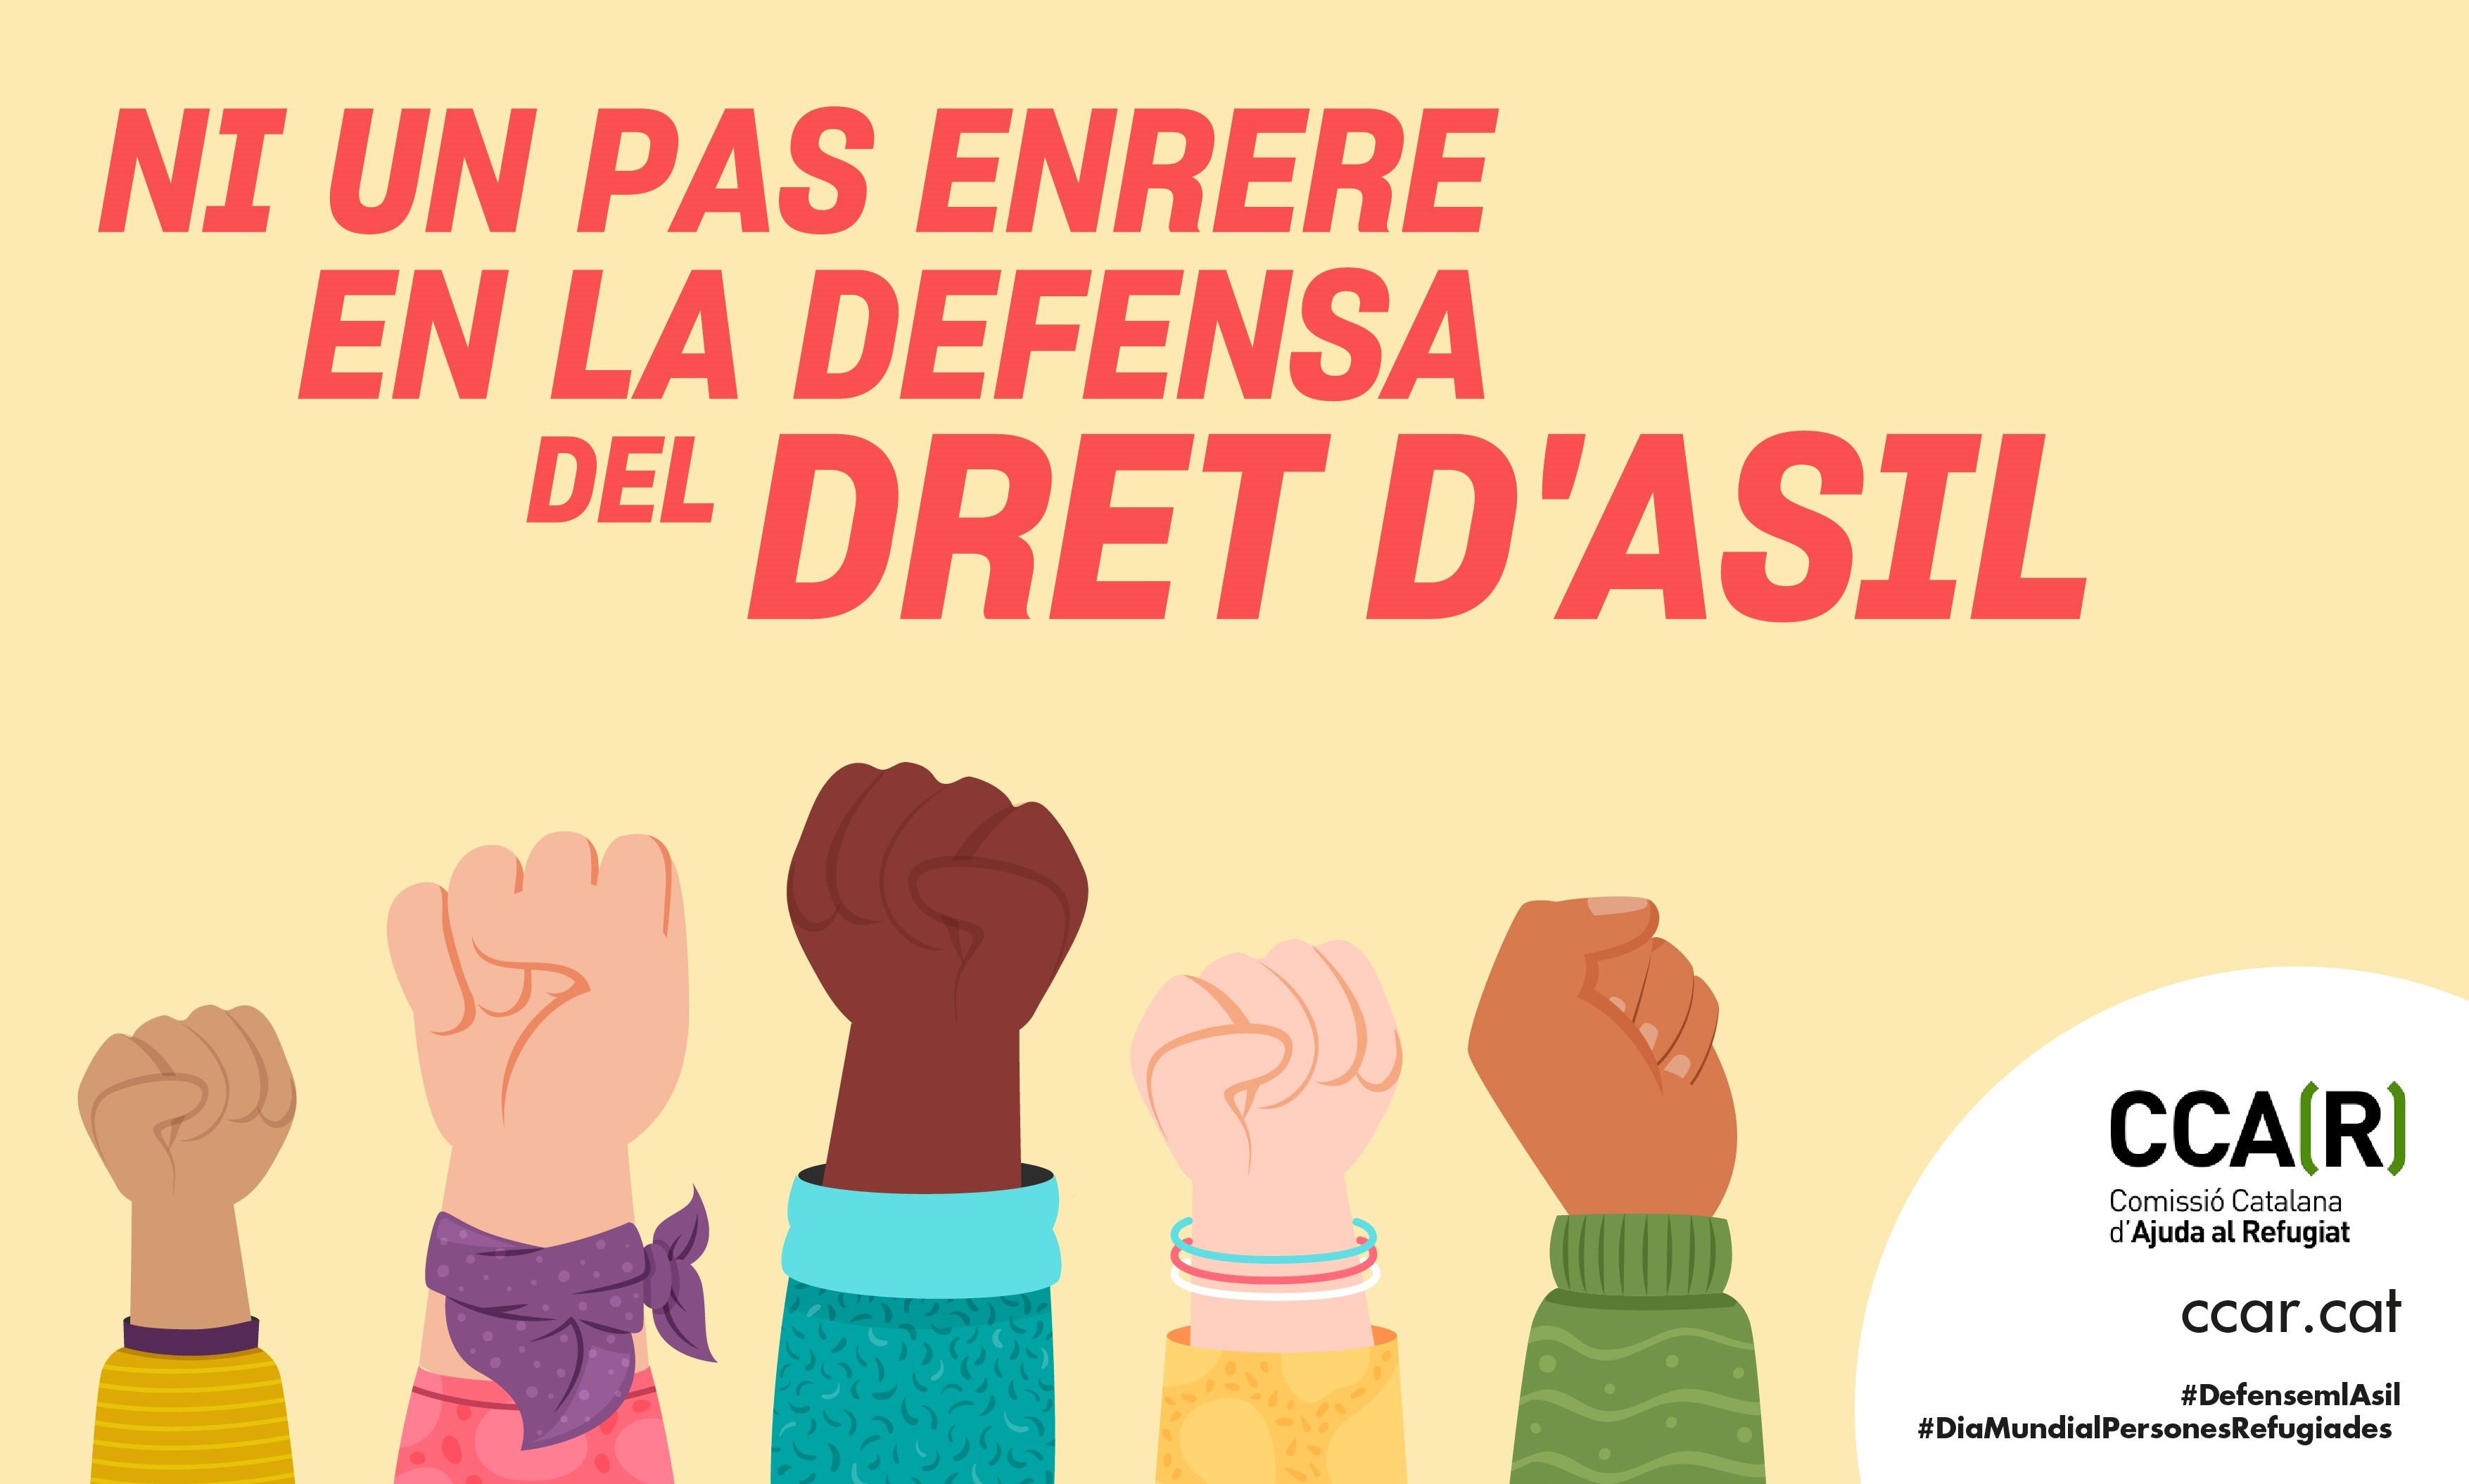 NI UN PAS ENRERE EN LA DEFENSA DEL DRET D'ASIL: PROPOSTES D'ACCIÓ